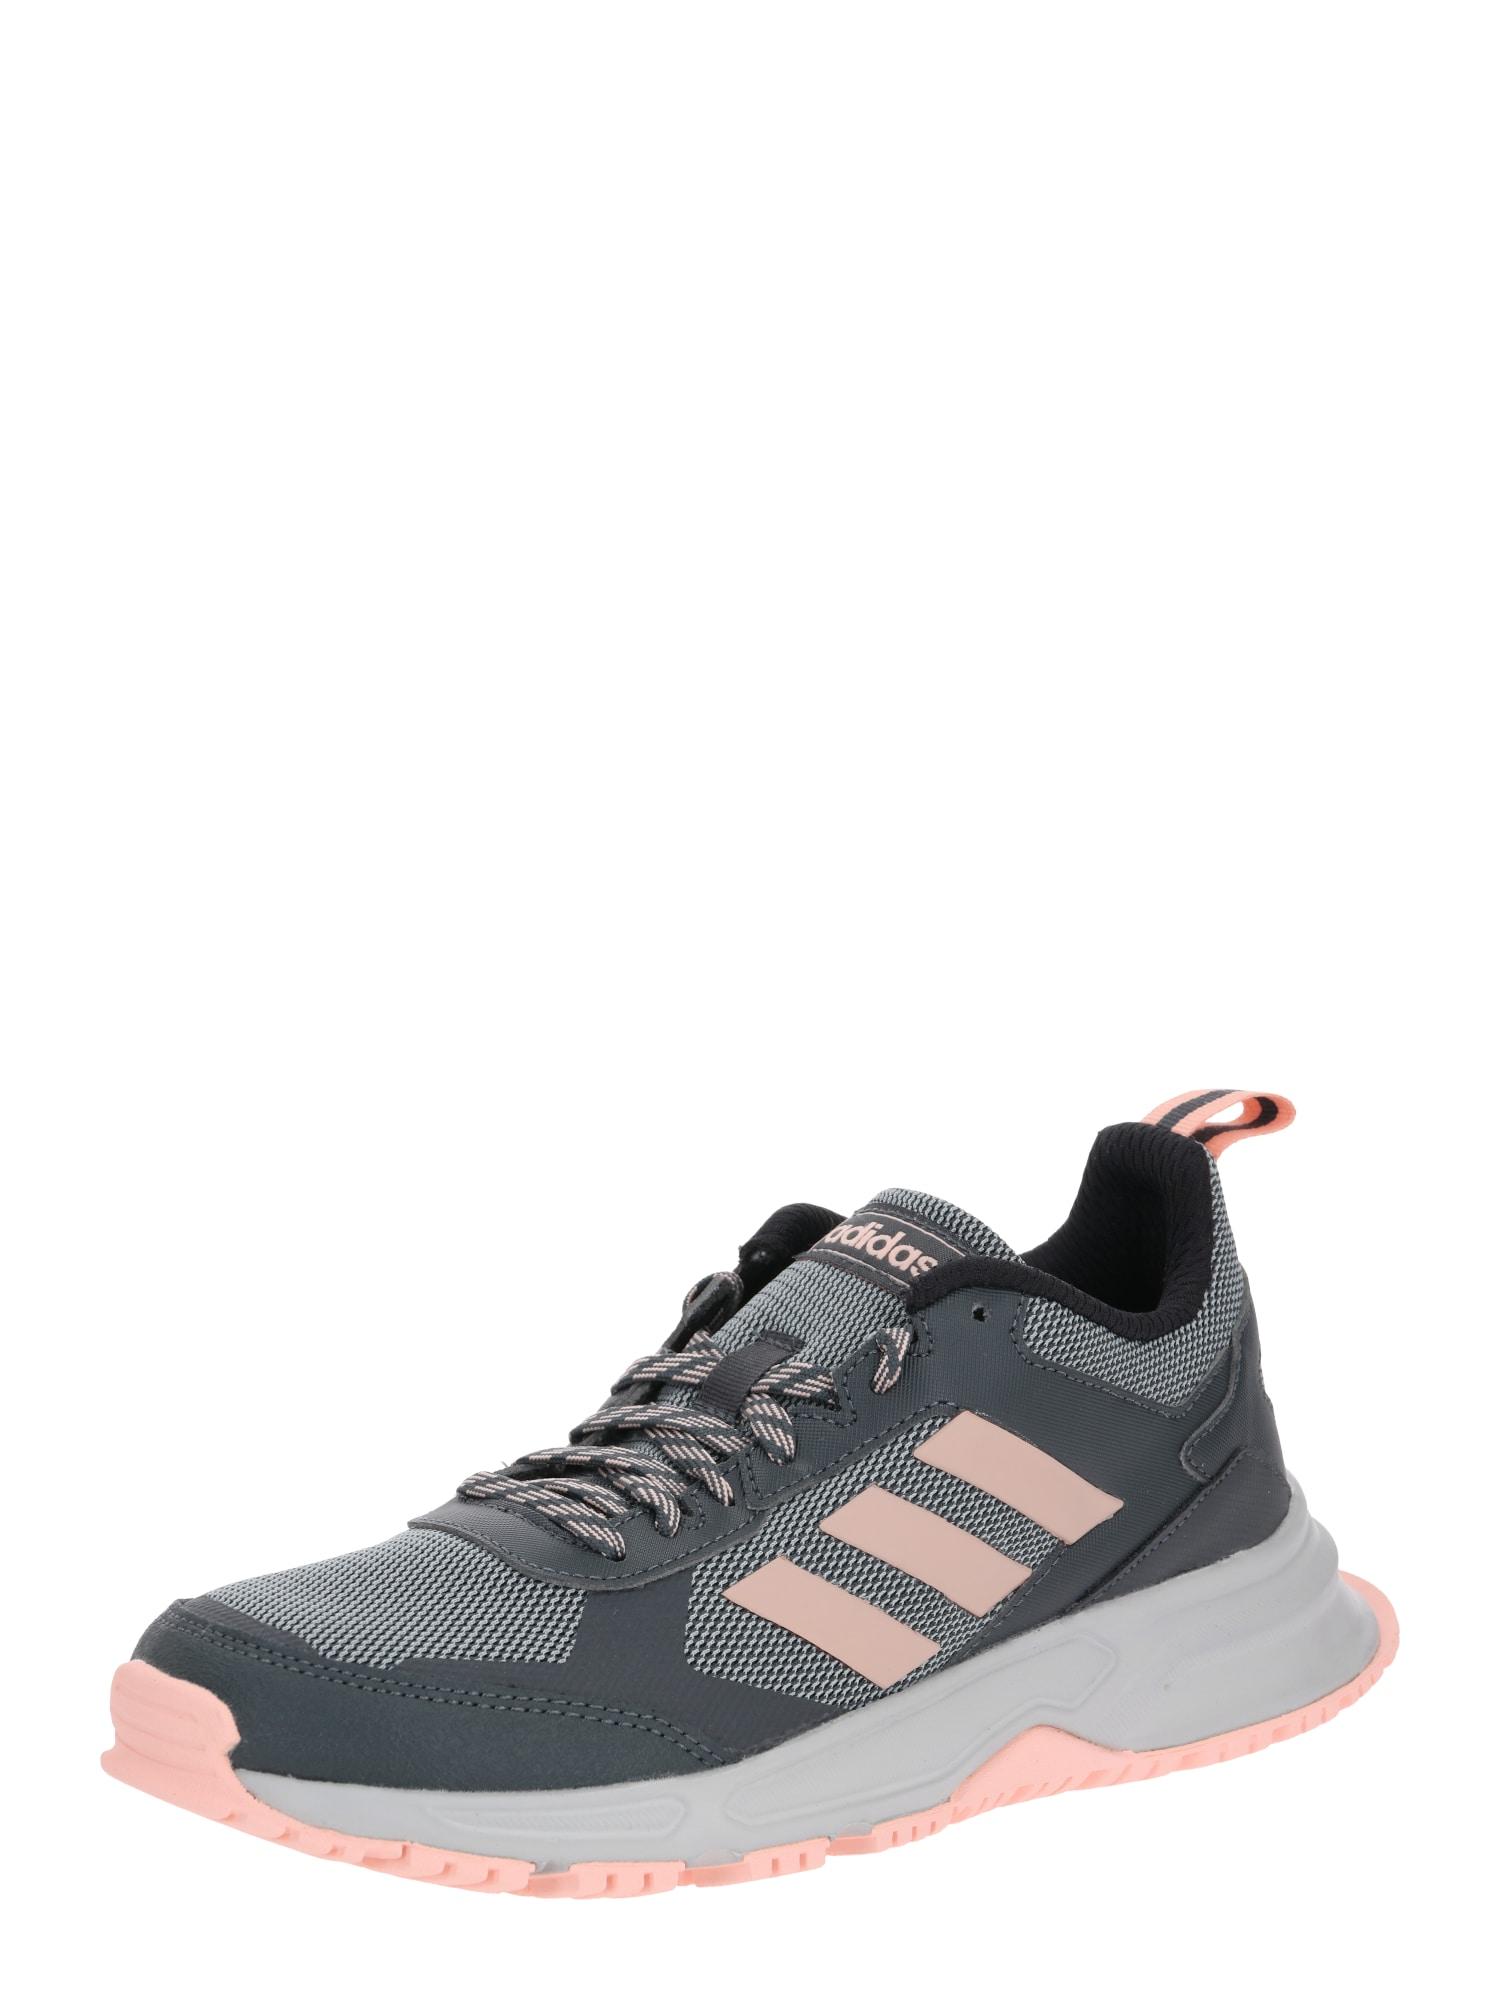 ADIDAS PERFORMANCE Sportiniai batai 'ROCKADIA TRAIL 3.0' rožių spalva / pilka